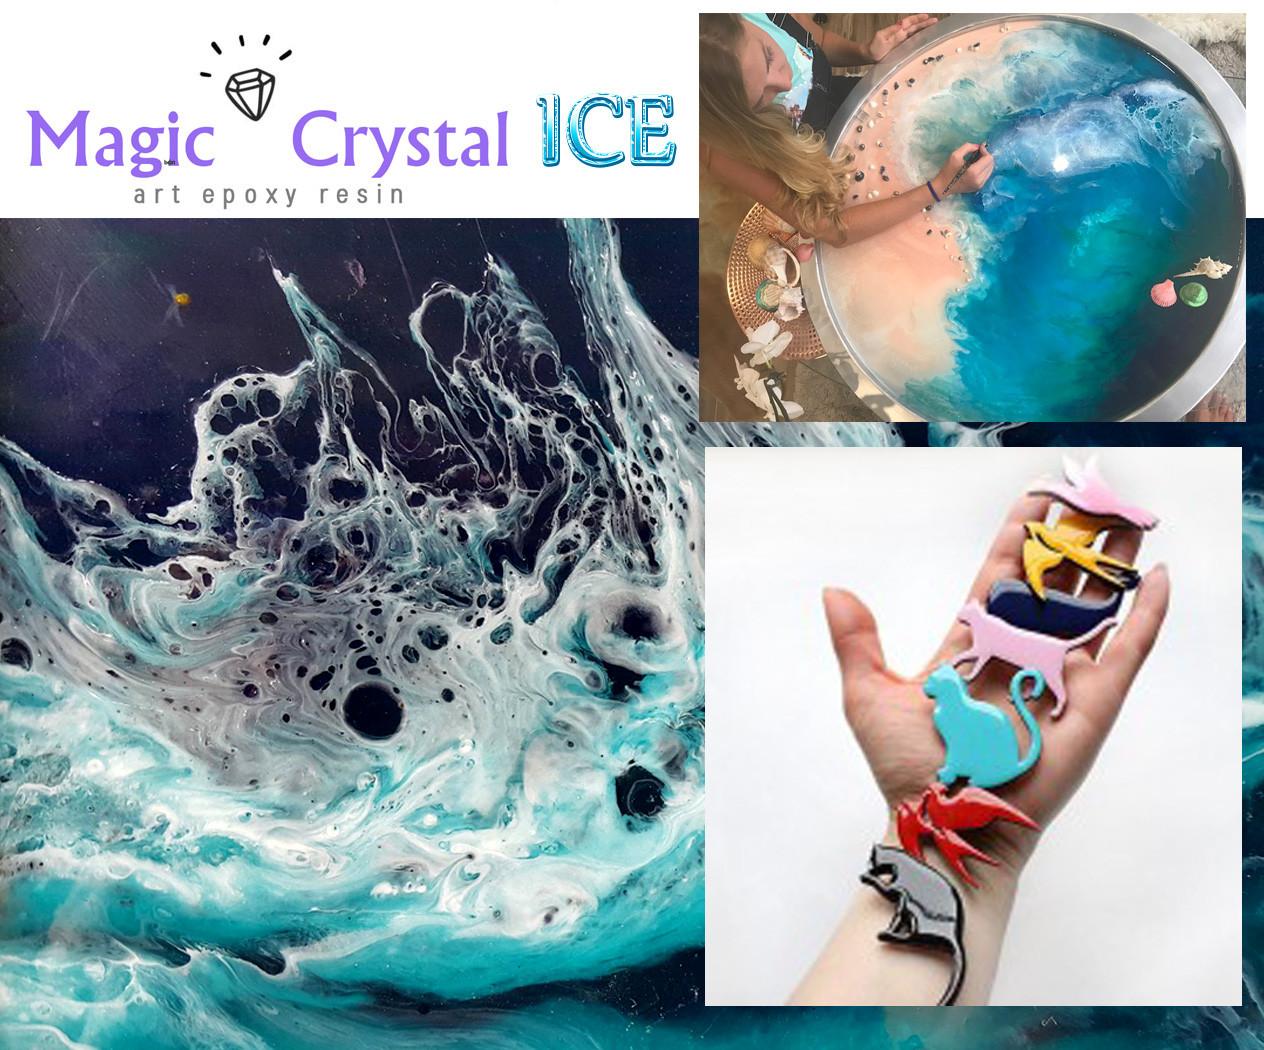 Смола MagicCrystal ICE высокопрозрачная, прочная для картин и глазури (Франция).Быстрой полимеризации.Уп 572 г